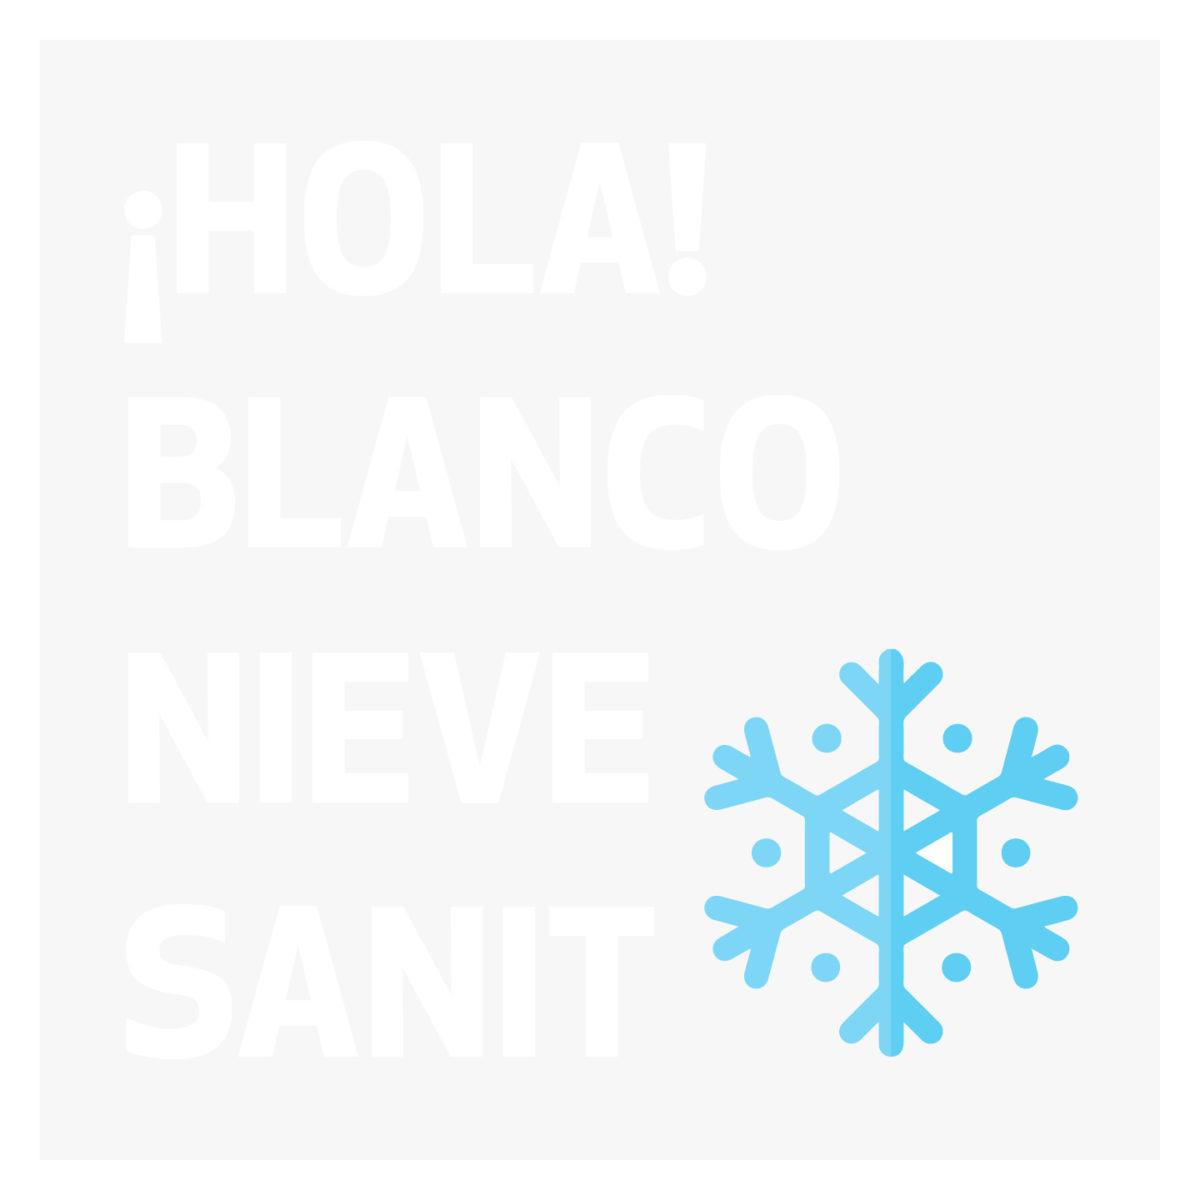 El espíritu invernal llega a Isaval con las fórmulas Blanco Nieve Sanit